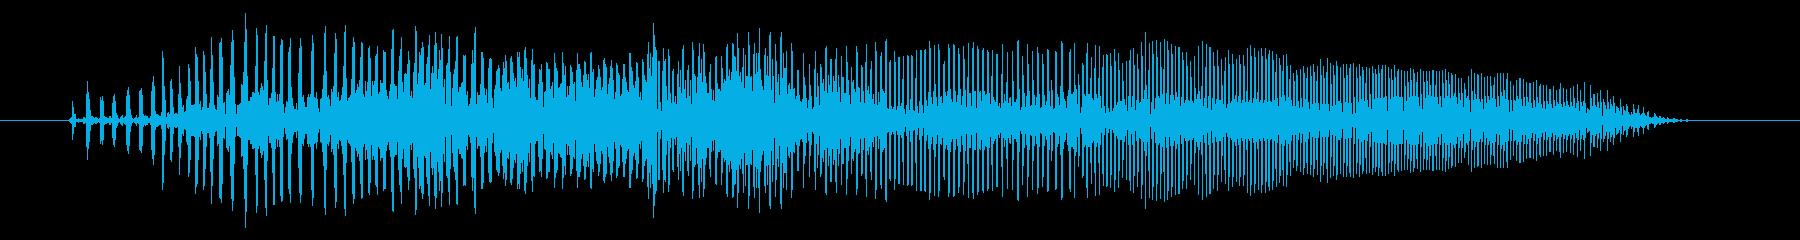 空腹03-1の再生済みの波形